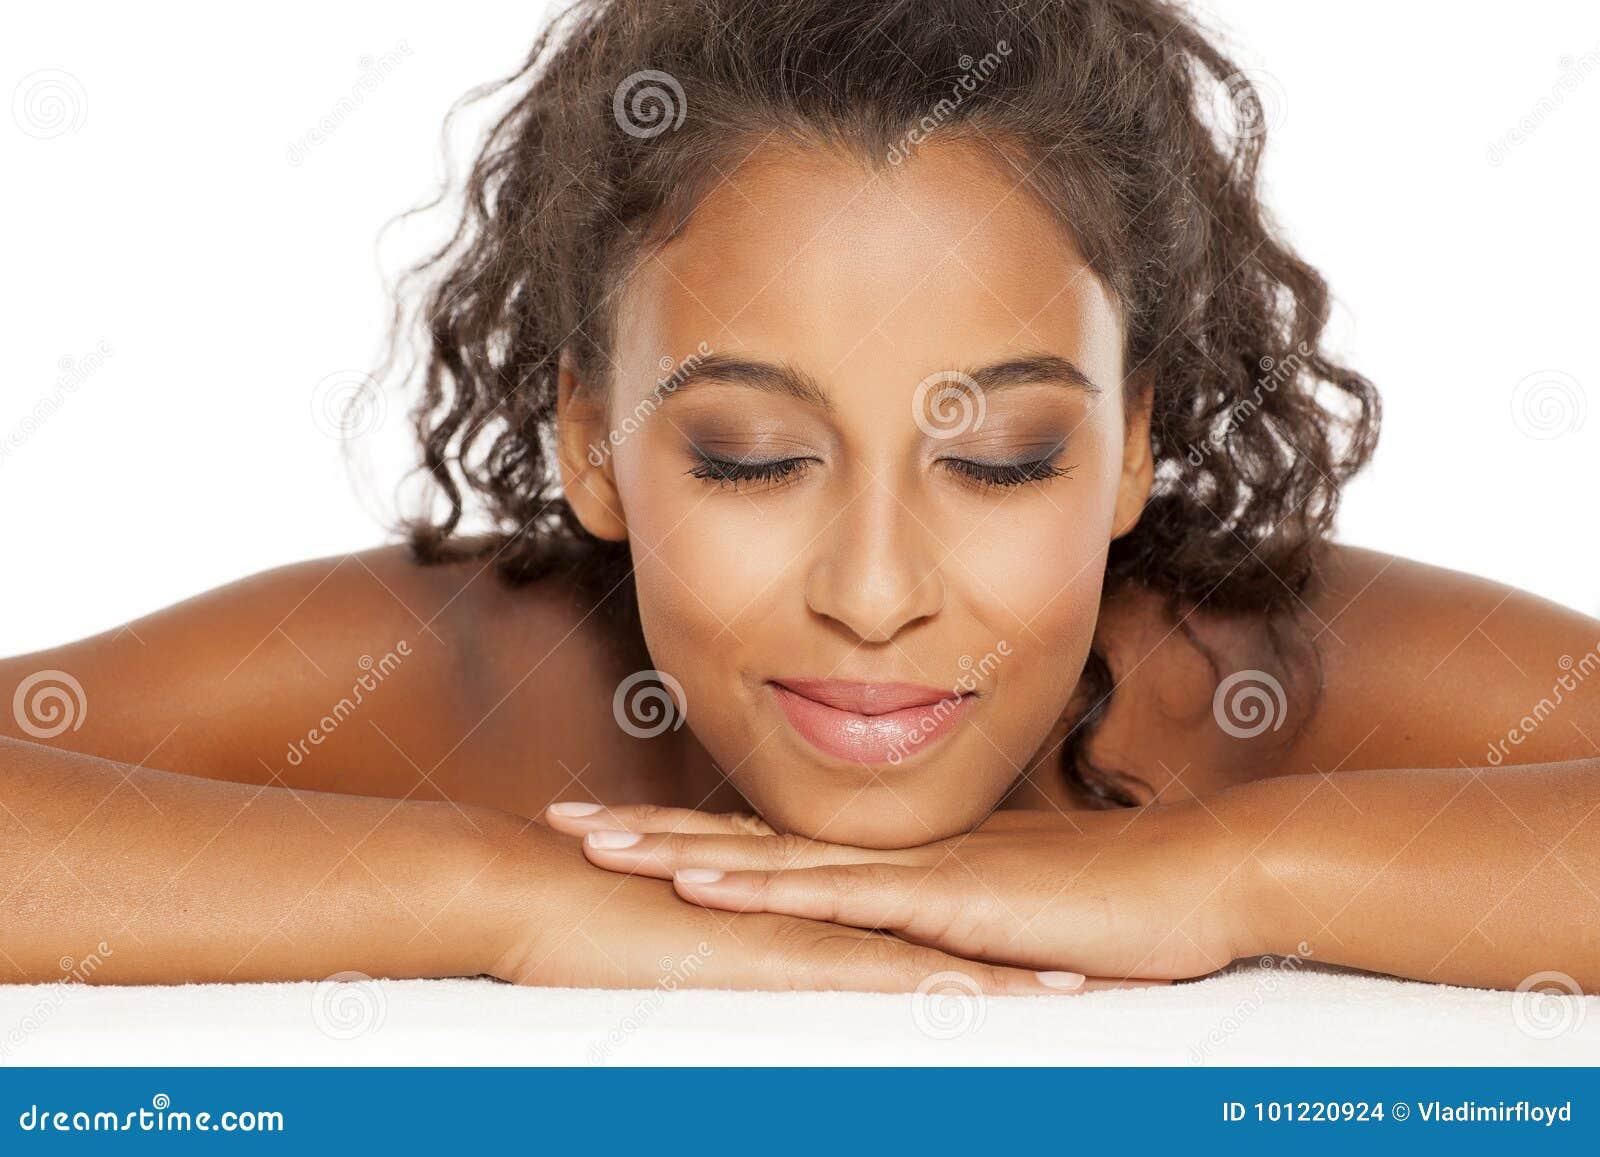 Dark skinned beauties Naked